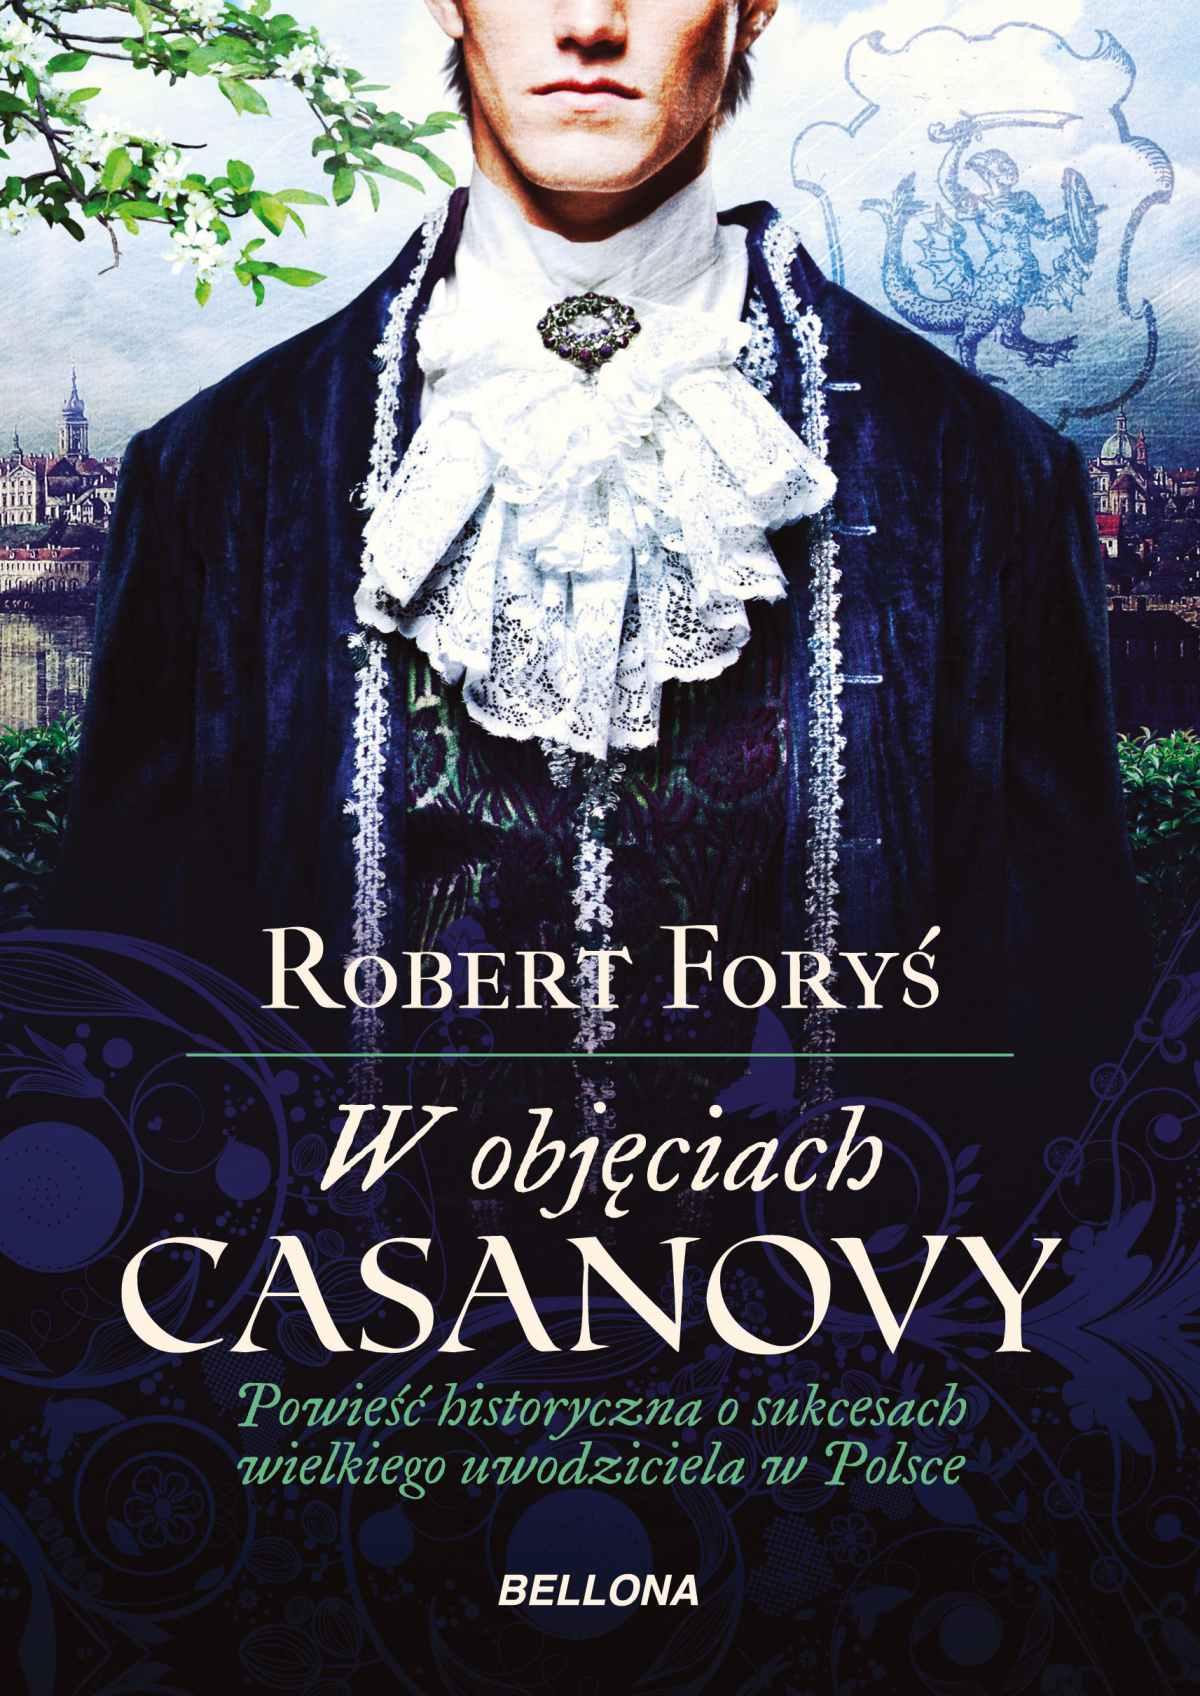 W objęciach Casanowy - Ebook (Książka na Kindle) do pobrania w formacie MOBI